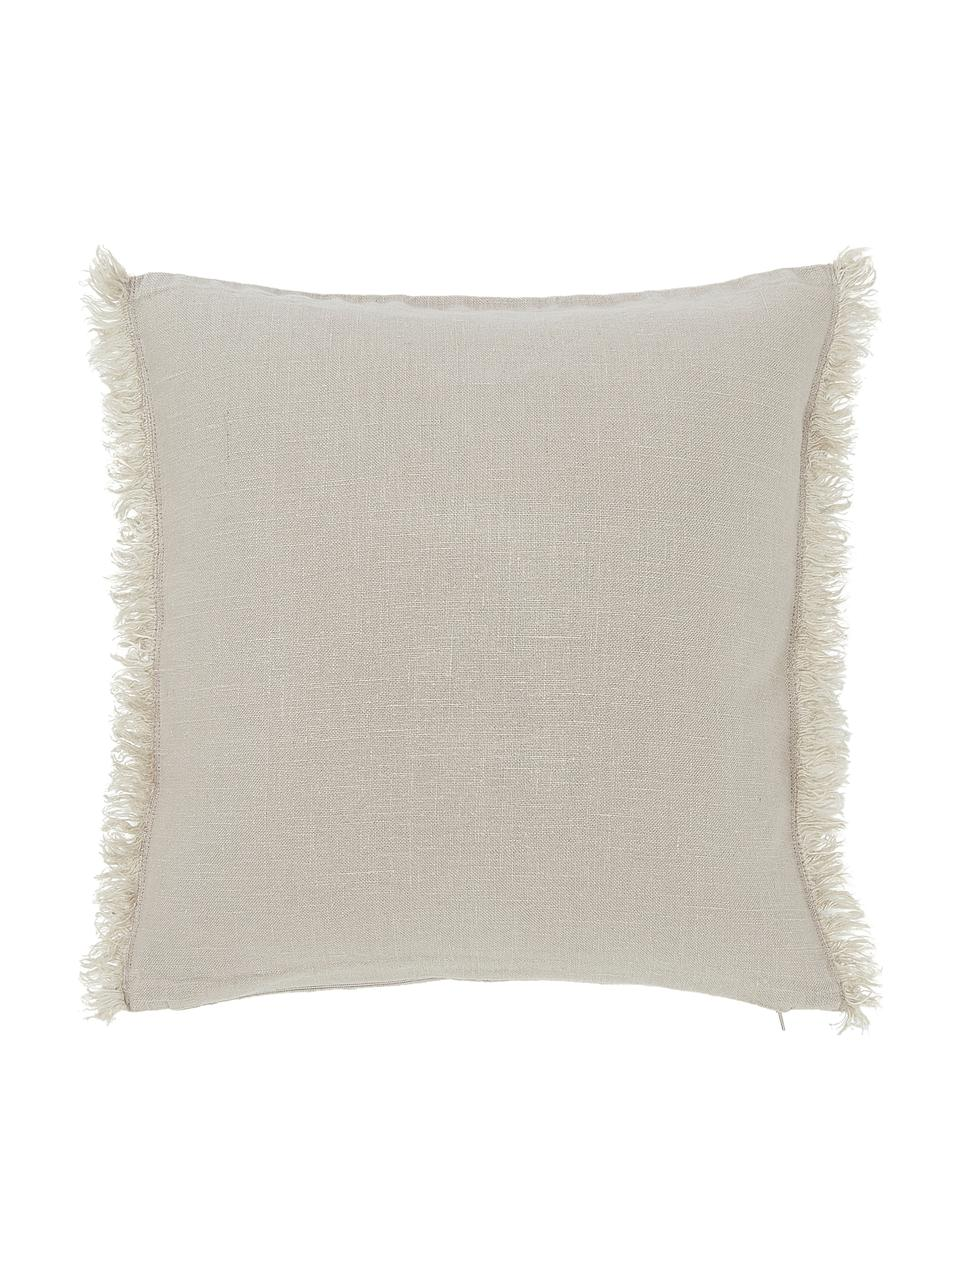 Linnen kussenhoes Luana in beige met franjes, 100% linnen, Beige, 60 x 60 cm